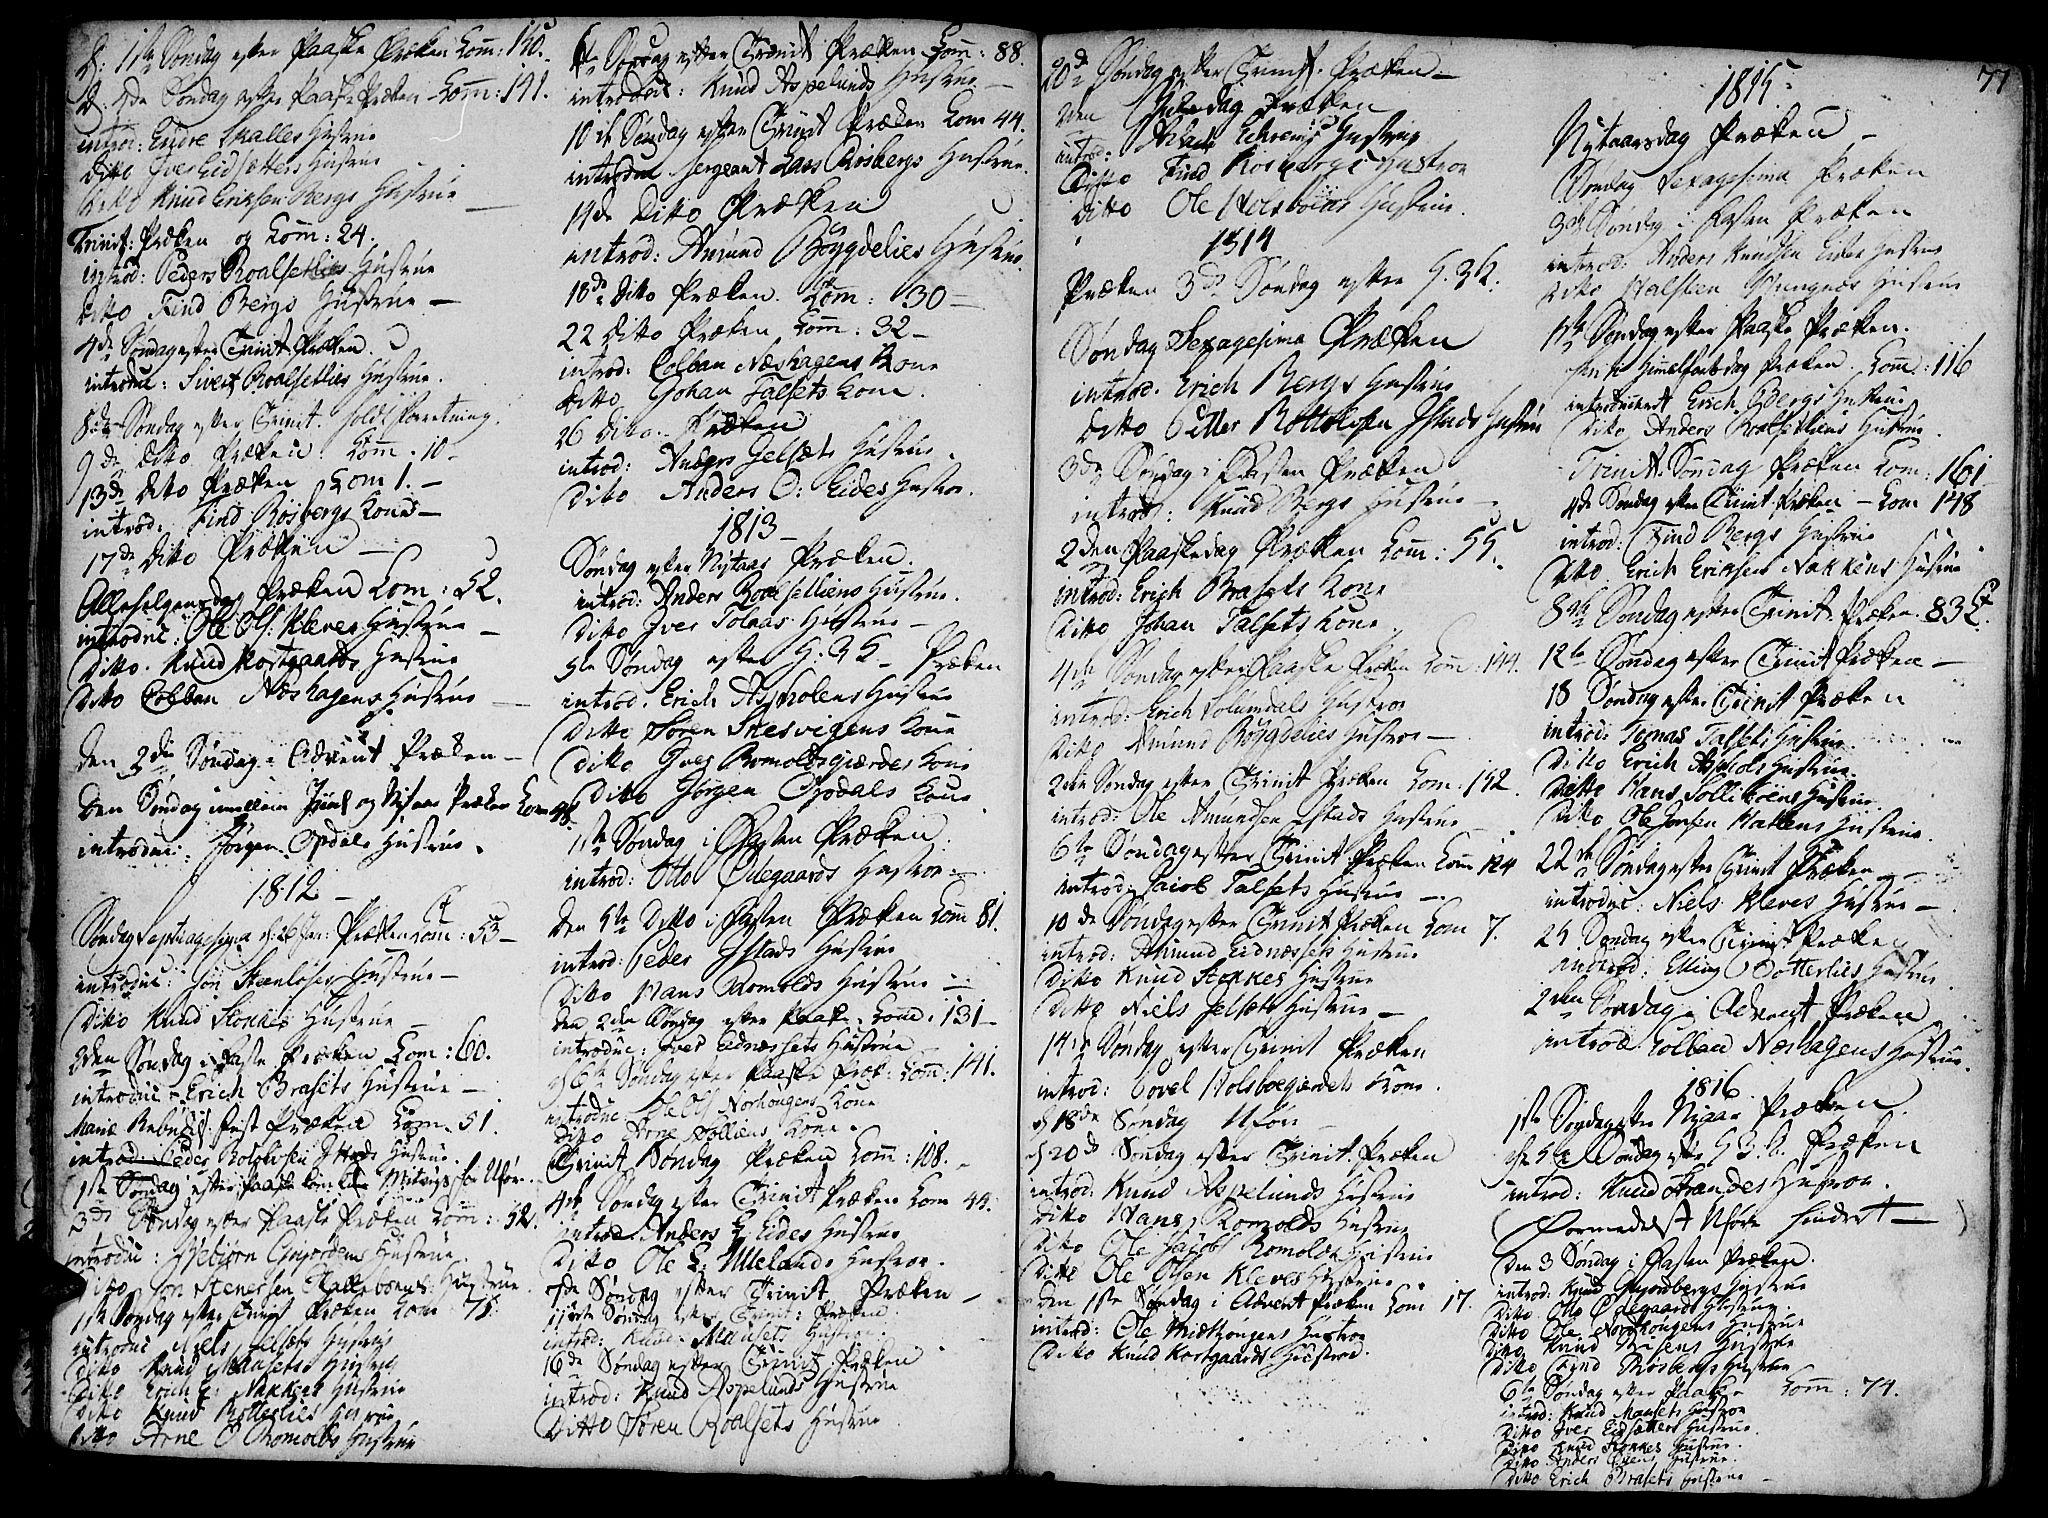 SAT, Ministerialprotokoller, klokkerbøker og fødselsregistre - Møre og Romsdal, 555/L0650: Ministerialbok nr. 555A02 /2, 1798-1821, s. 77